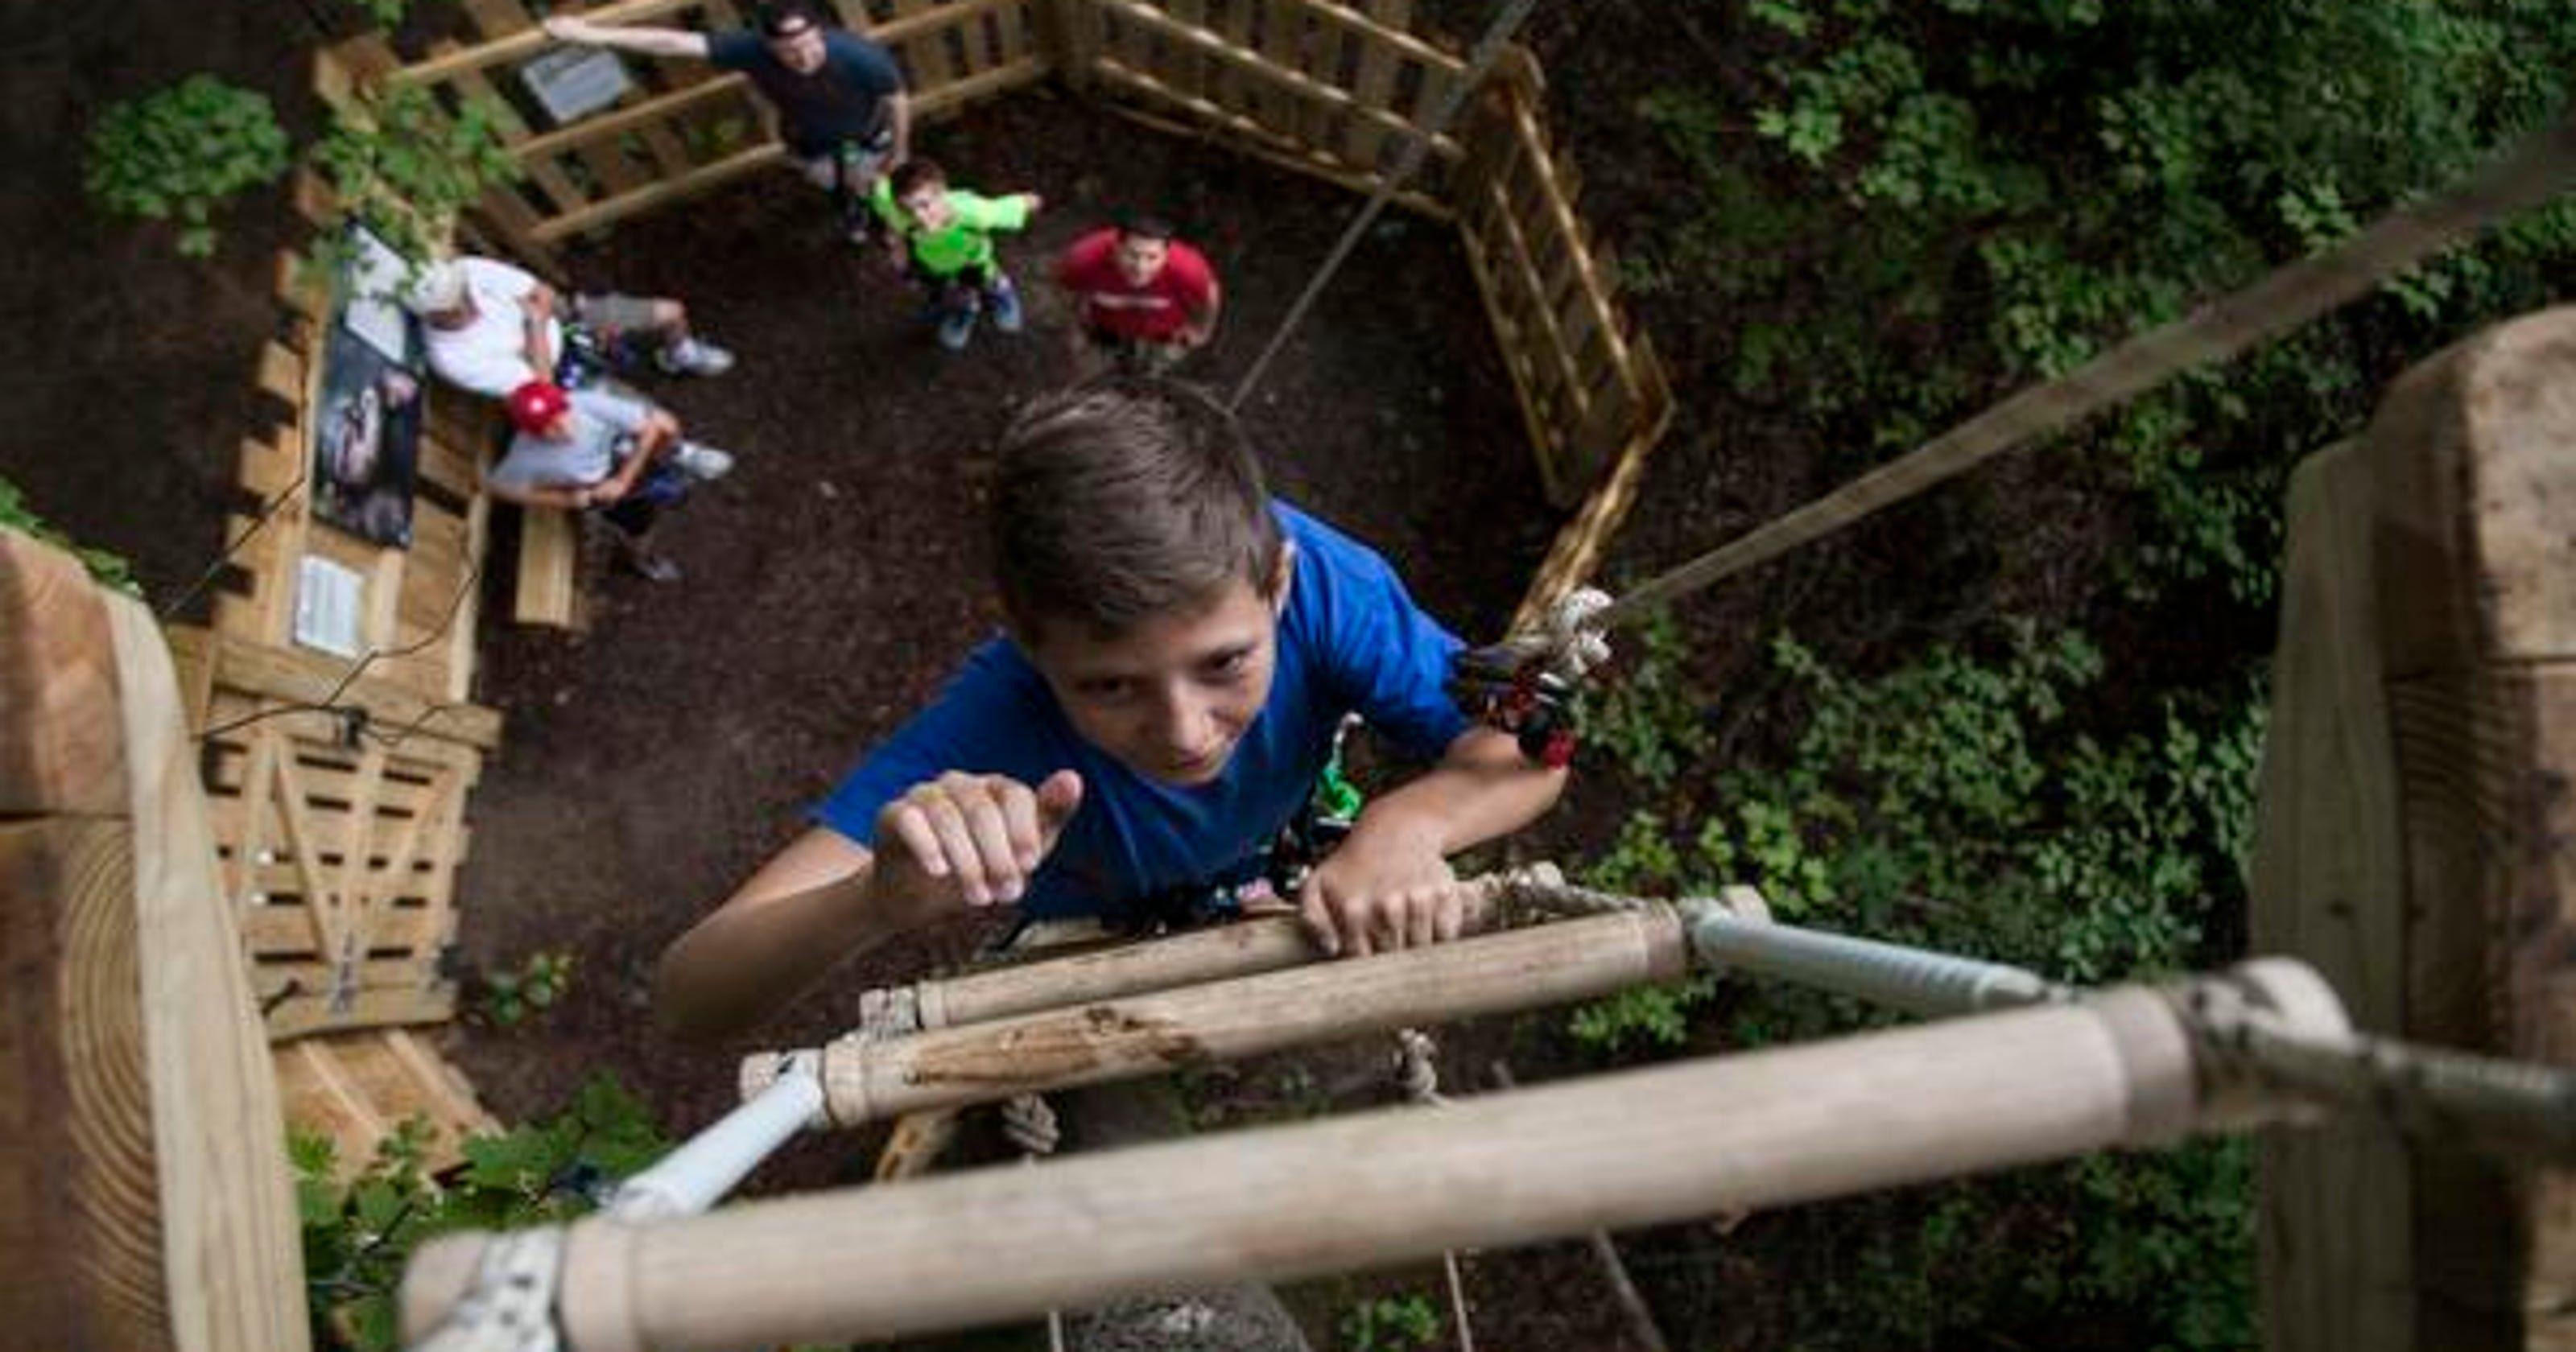 The 5 best outdoor activities to do in louisville